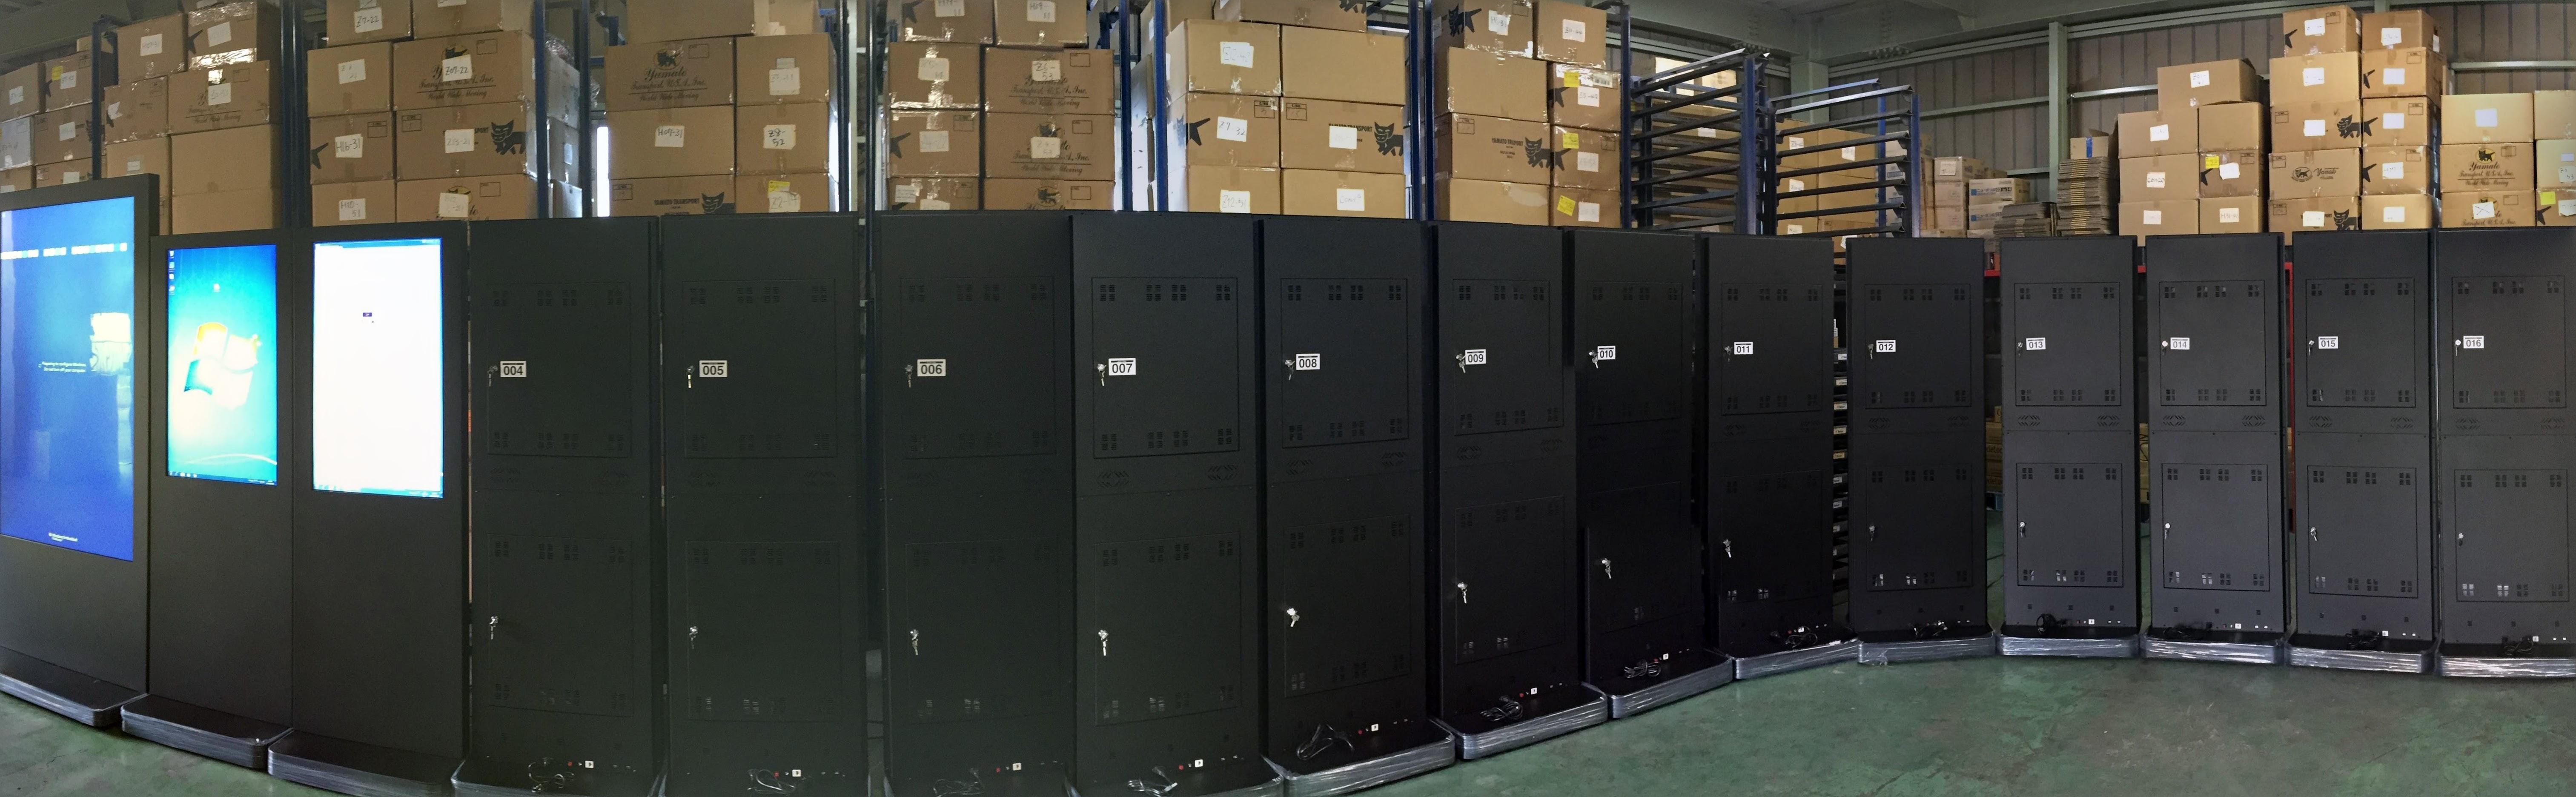 設置事例 デジタルサイネージ 70インチ、42インチ タッチパネルスタンド ショッピングモール納品 事例